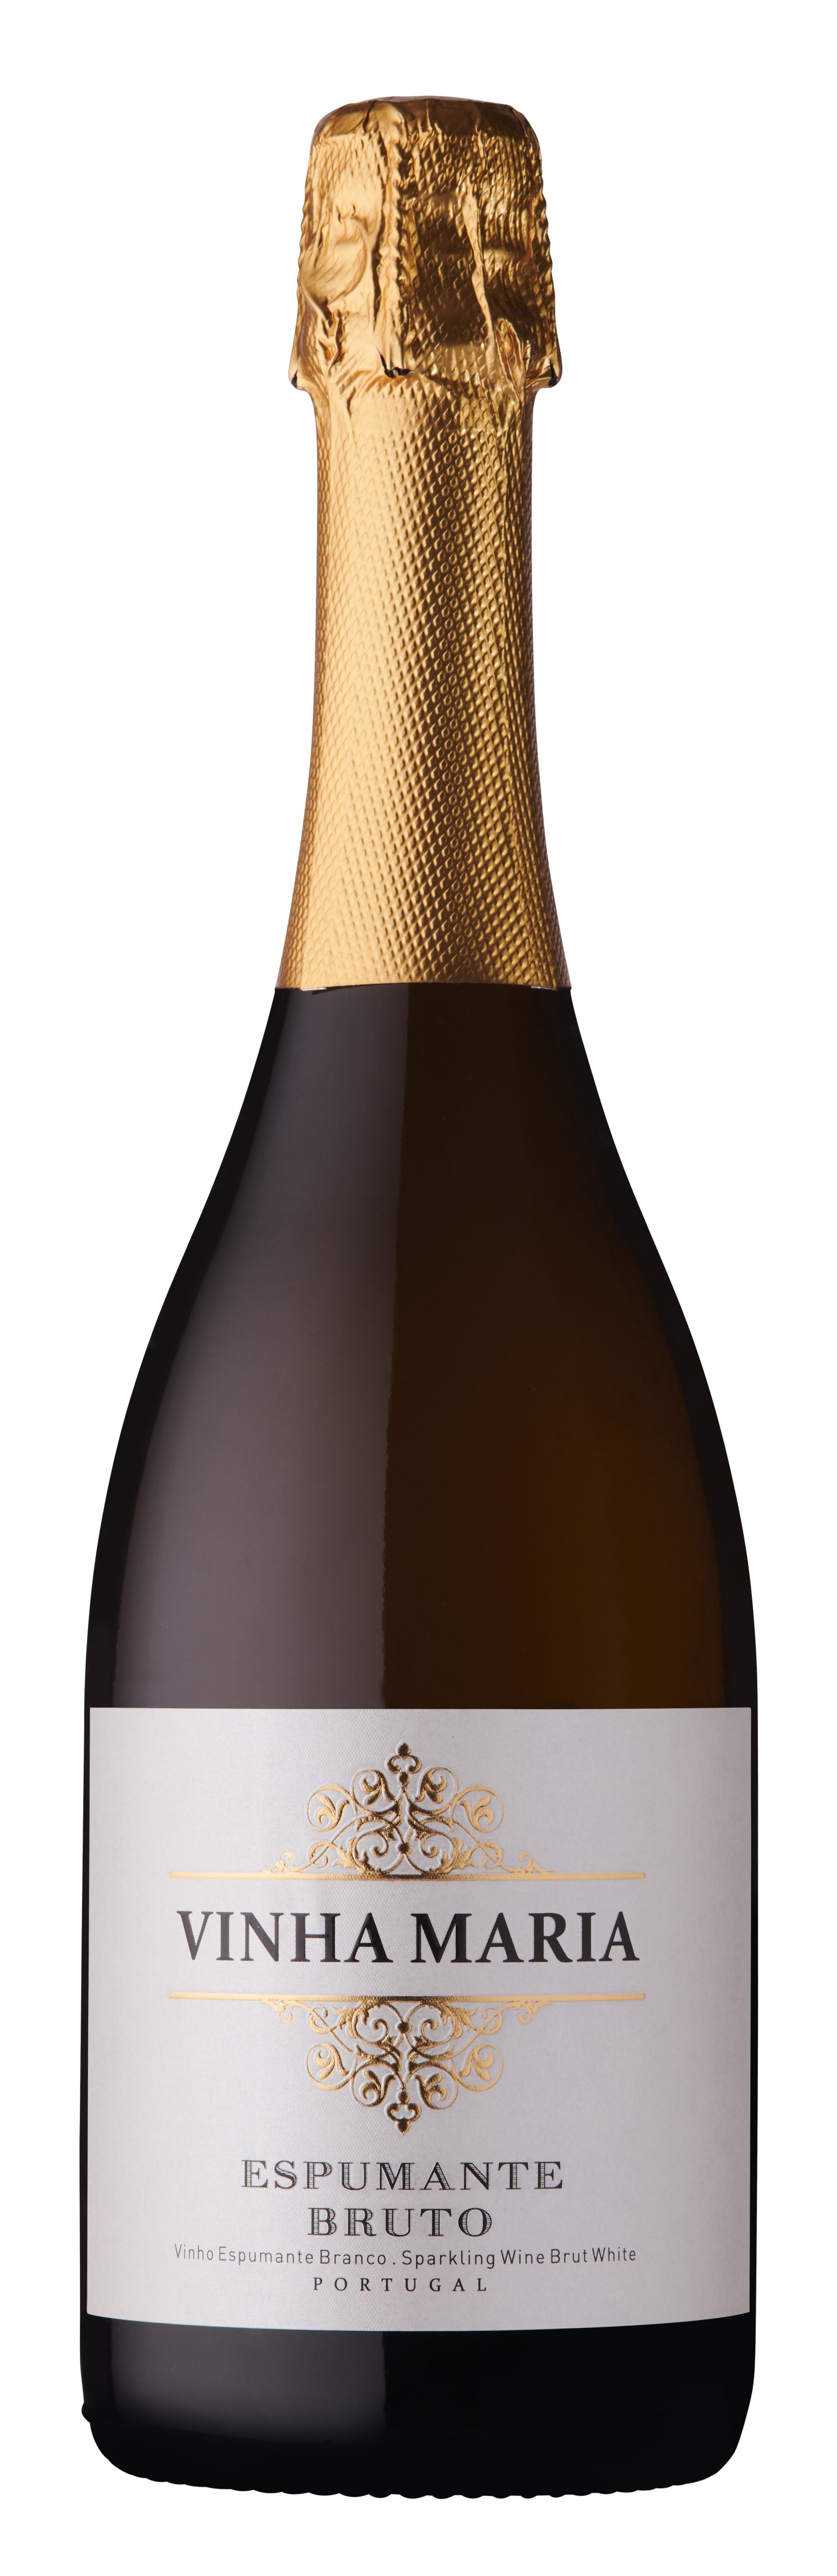 Vinha Maria Espumante (Sparkling) Brut